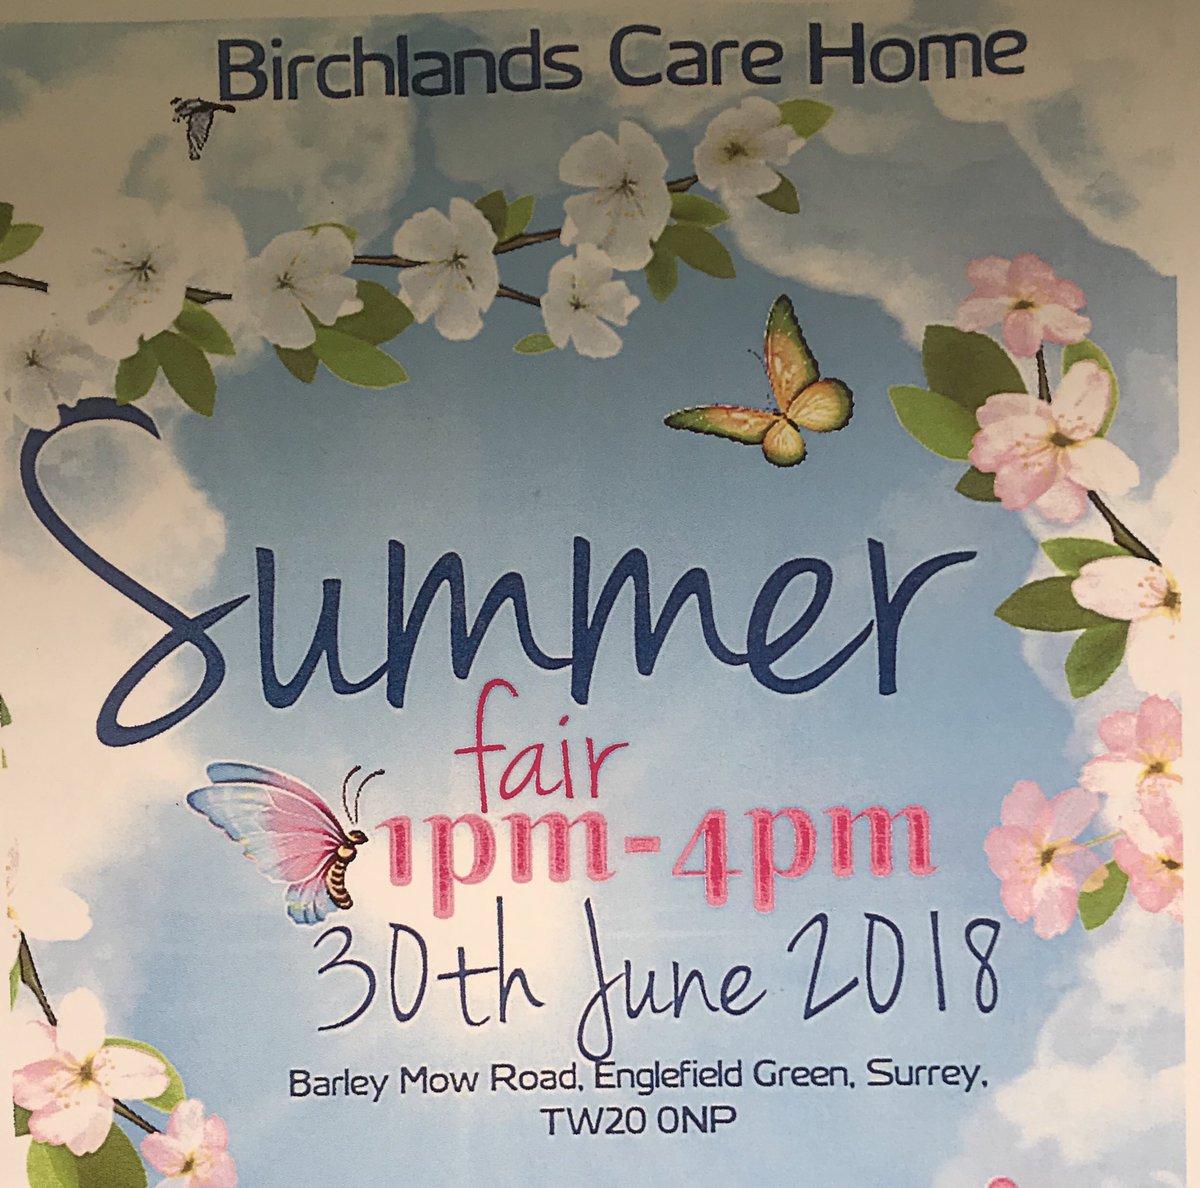 Birchlands Twitter post